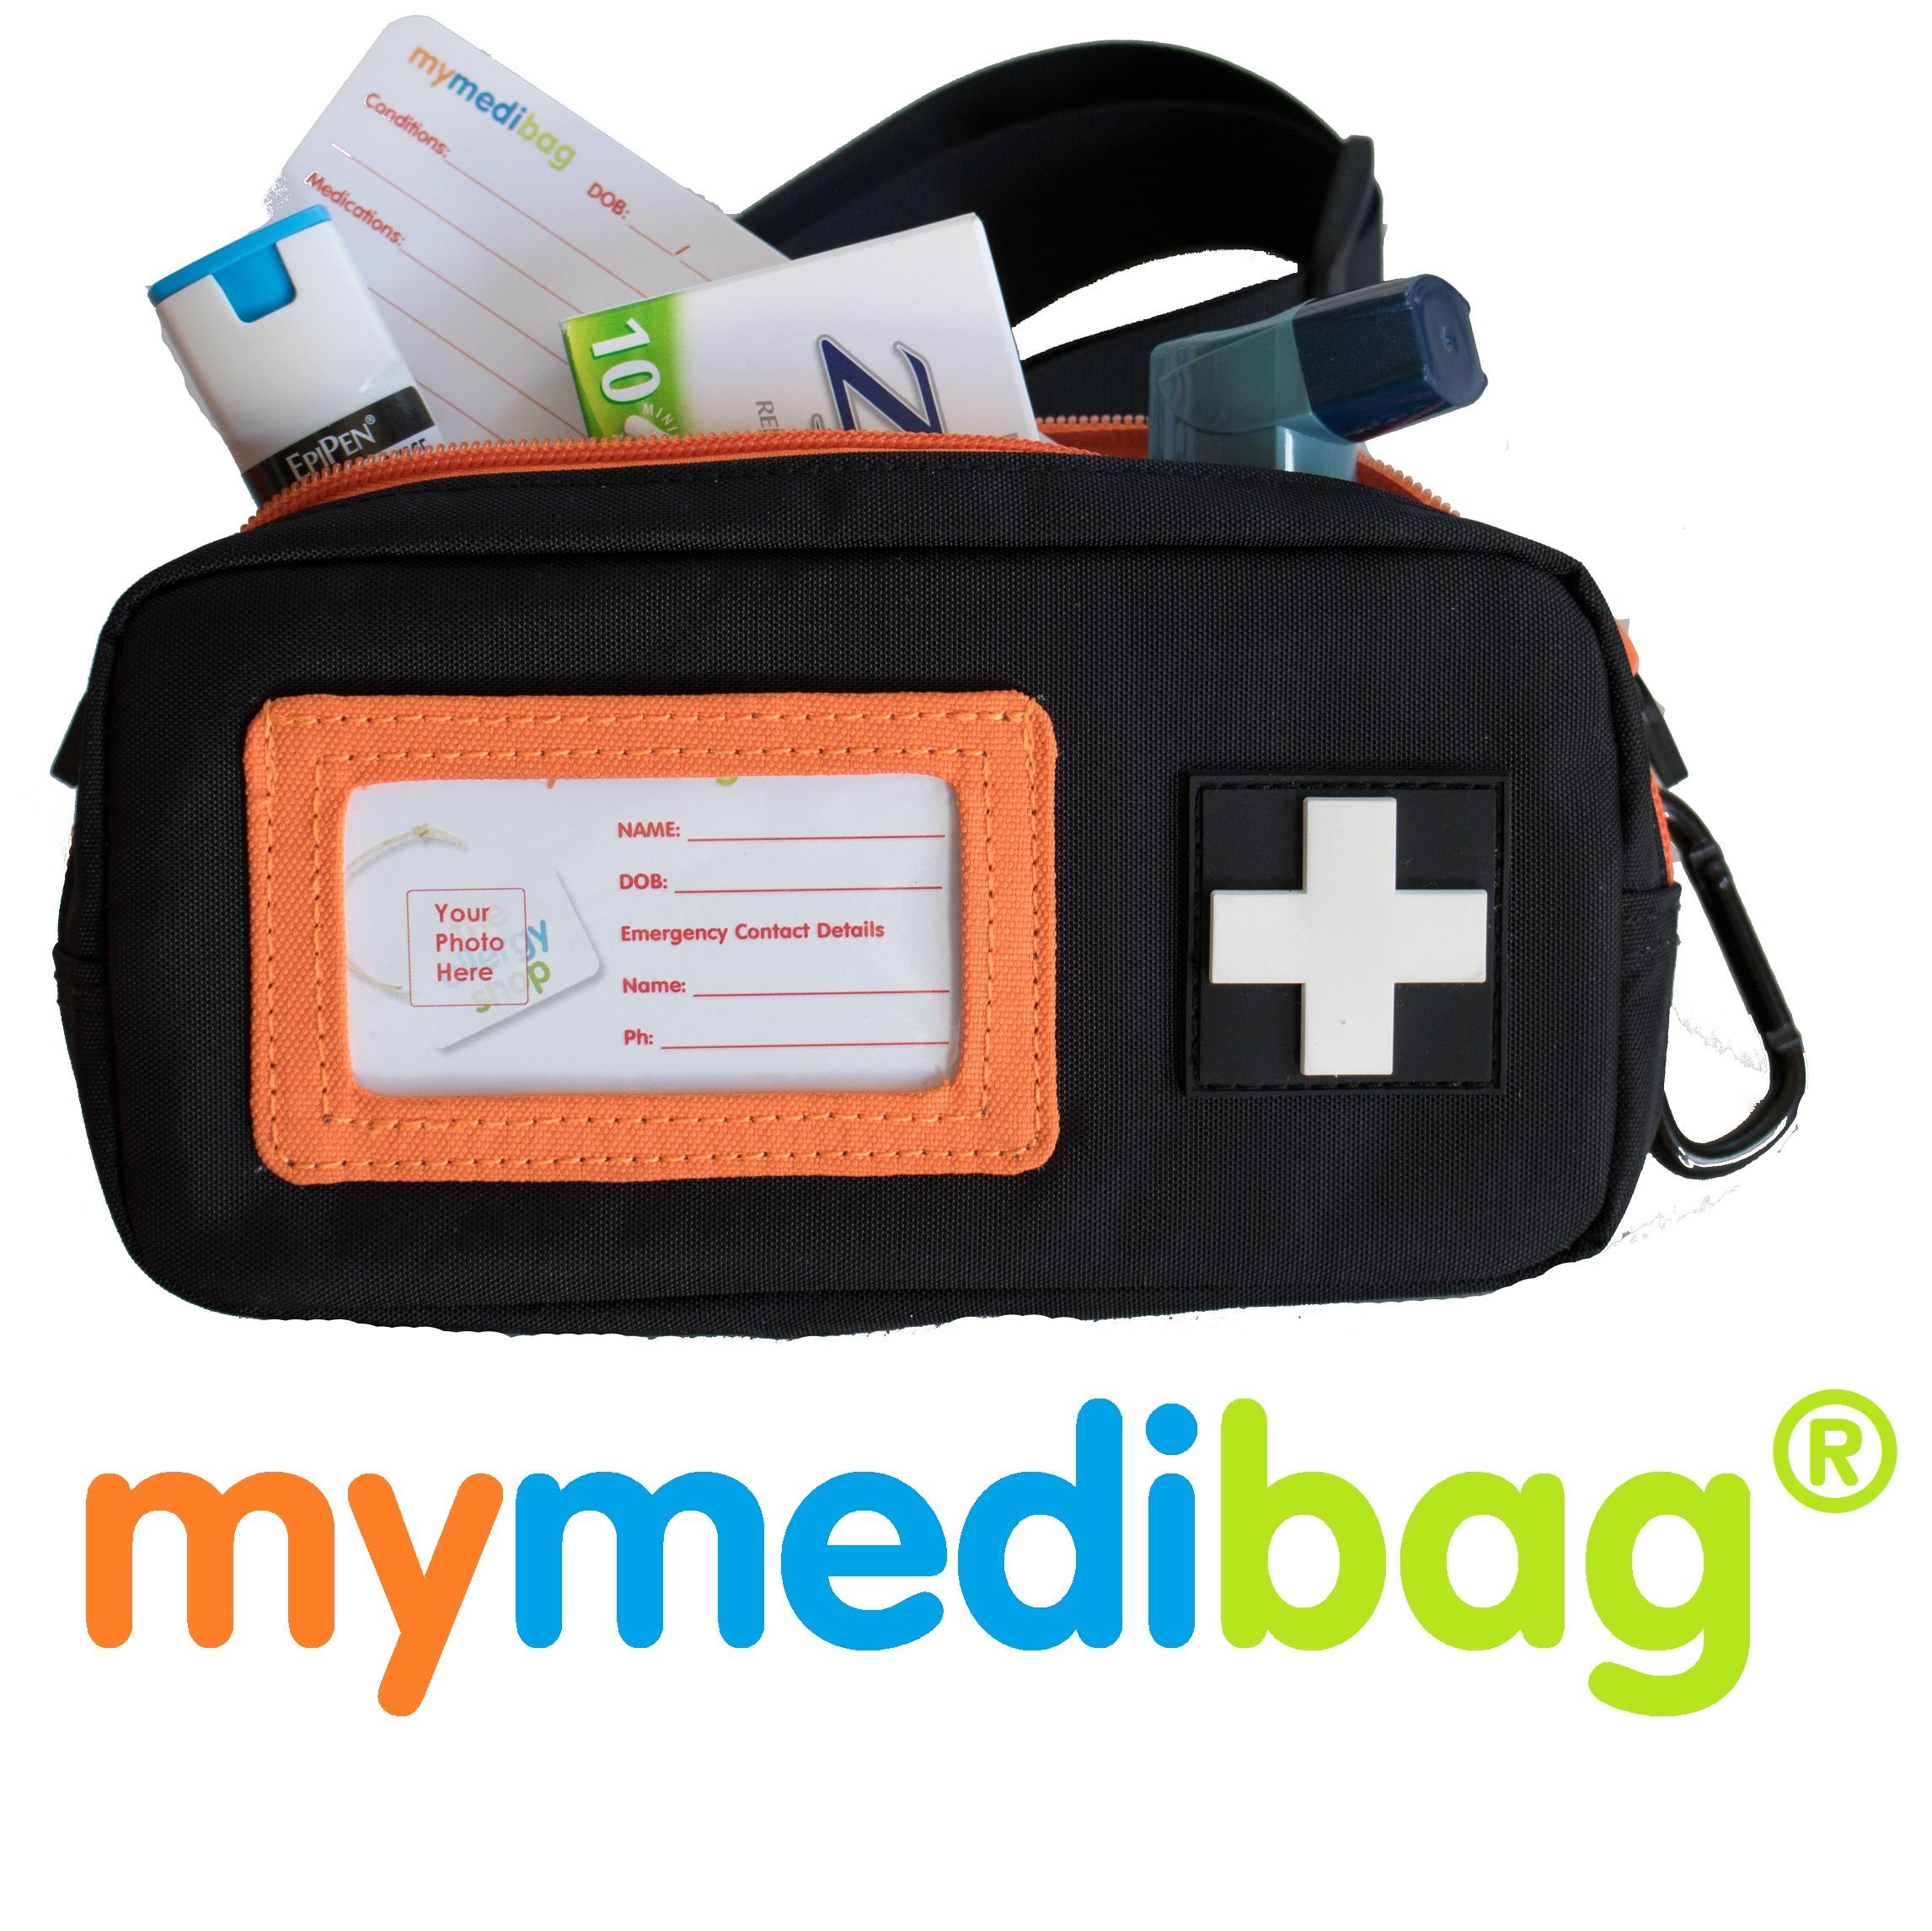 Mymedibag Wais Med